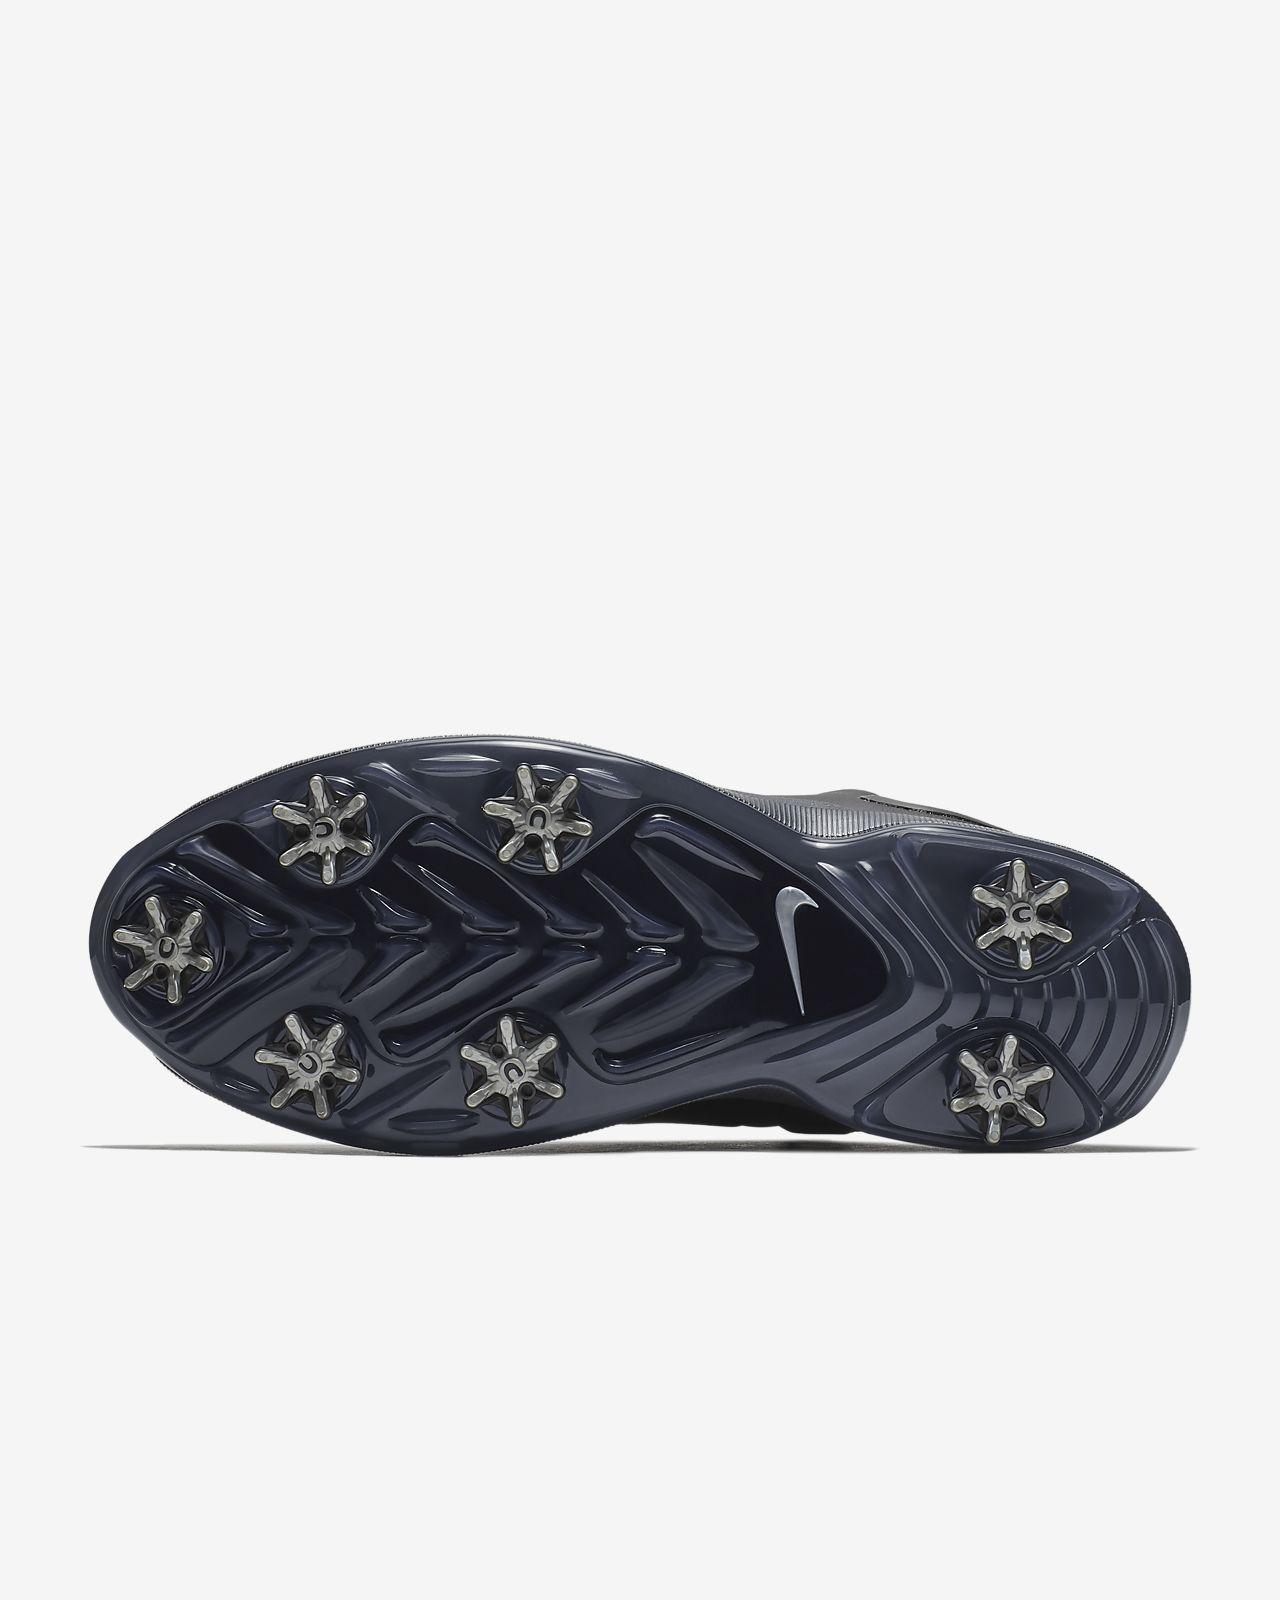 sale retailer 956c4 b4645 ... Nike Golf Tour Premiere Men s Golf Shoe